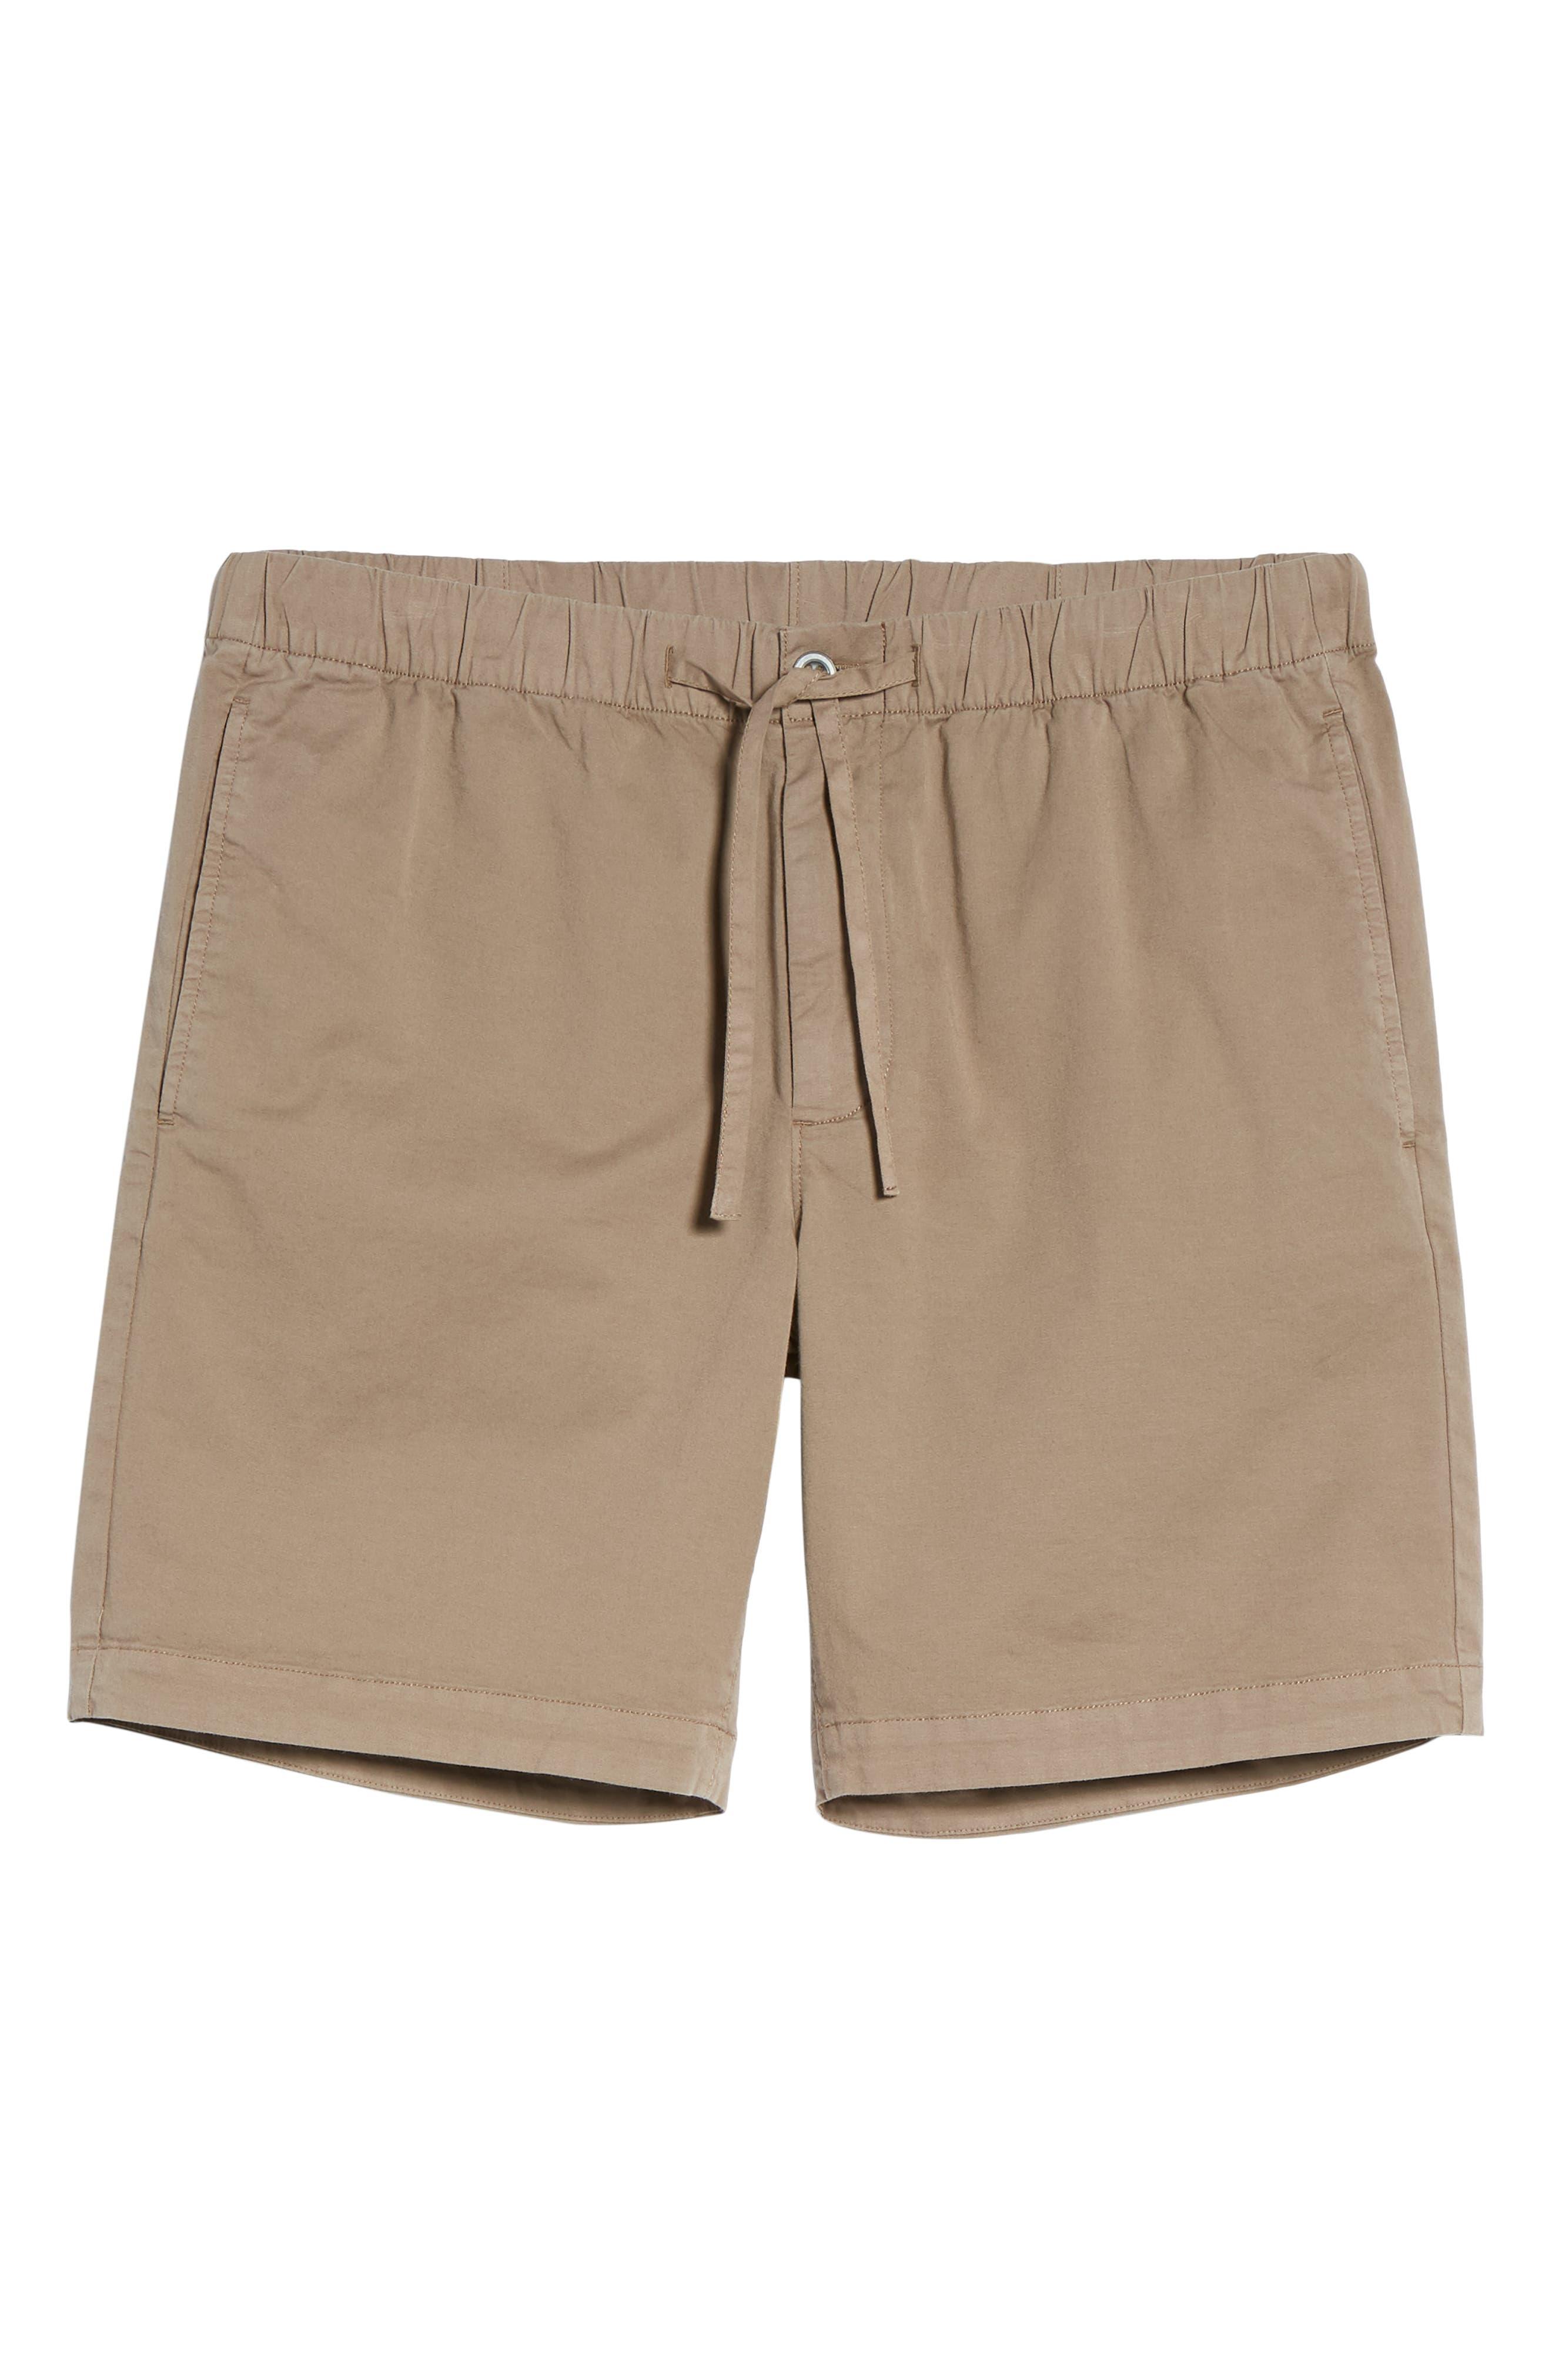 7-Inch Beach Shorts,                             Alternate thumbnail 6, color,                             Desert Granite